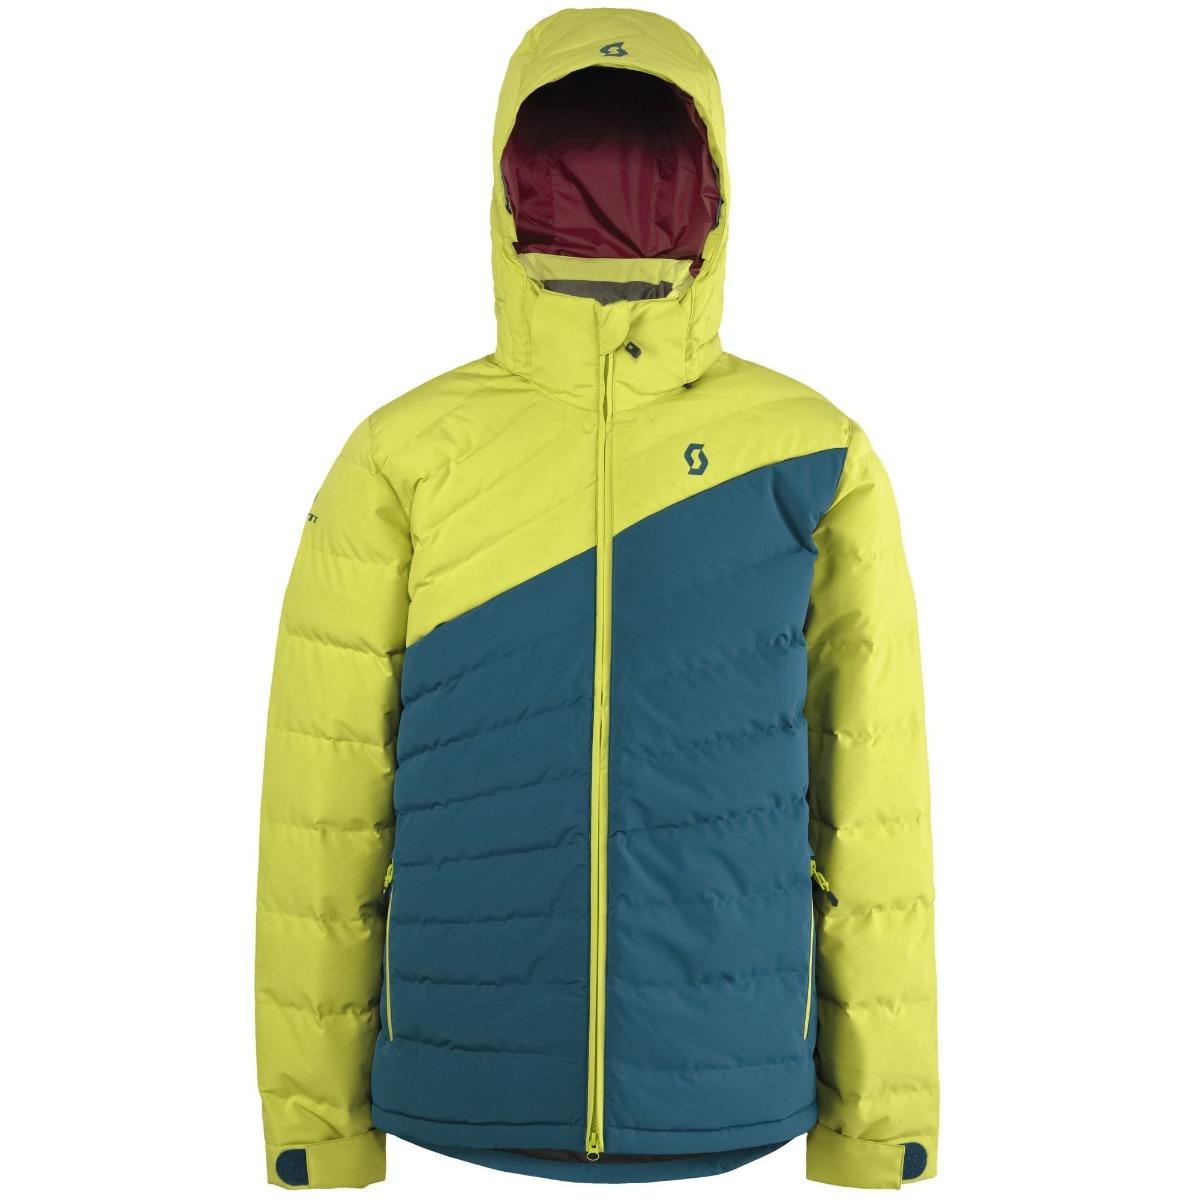 Τζάκετ Scott Terrain Down Chartreuse Yellow-blue